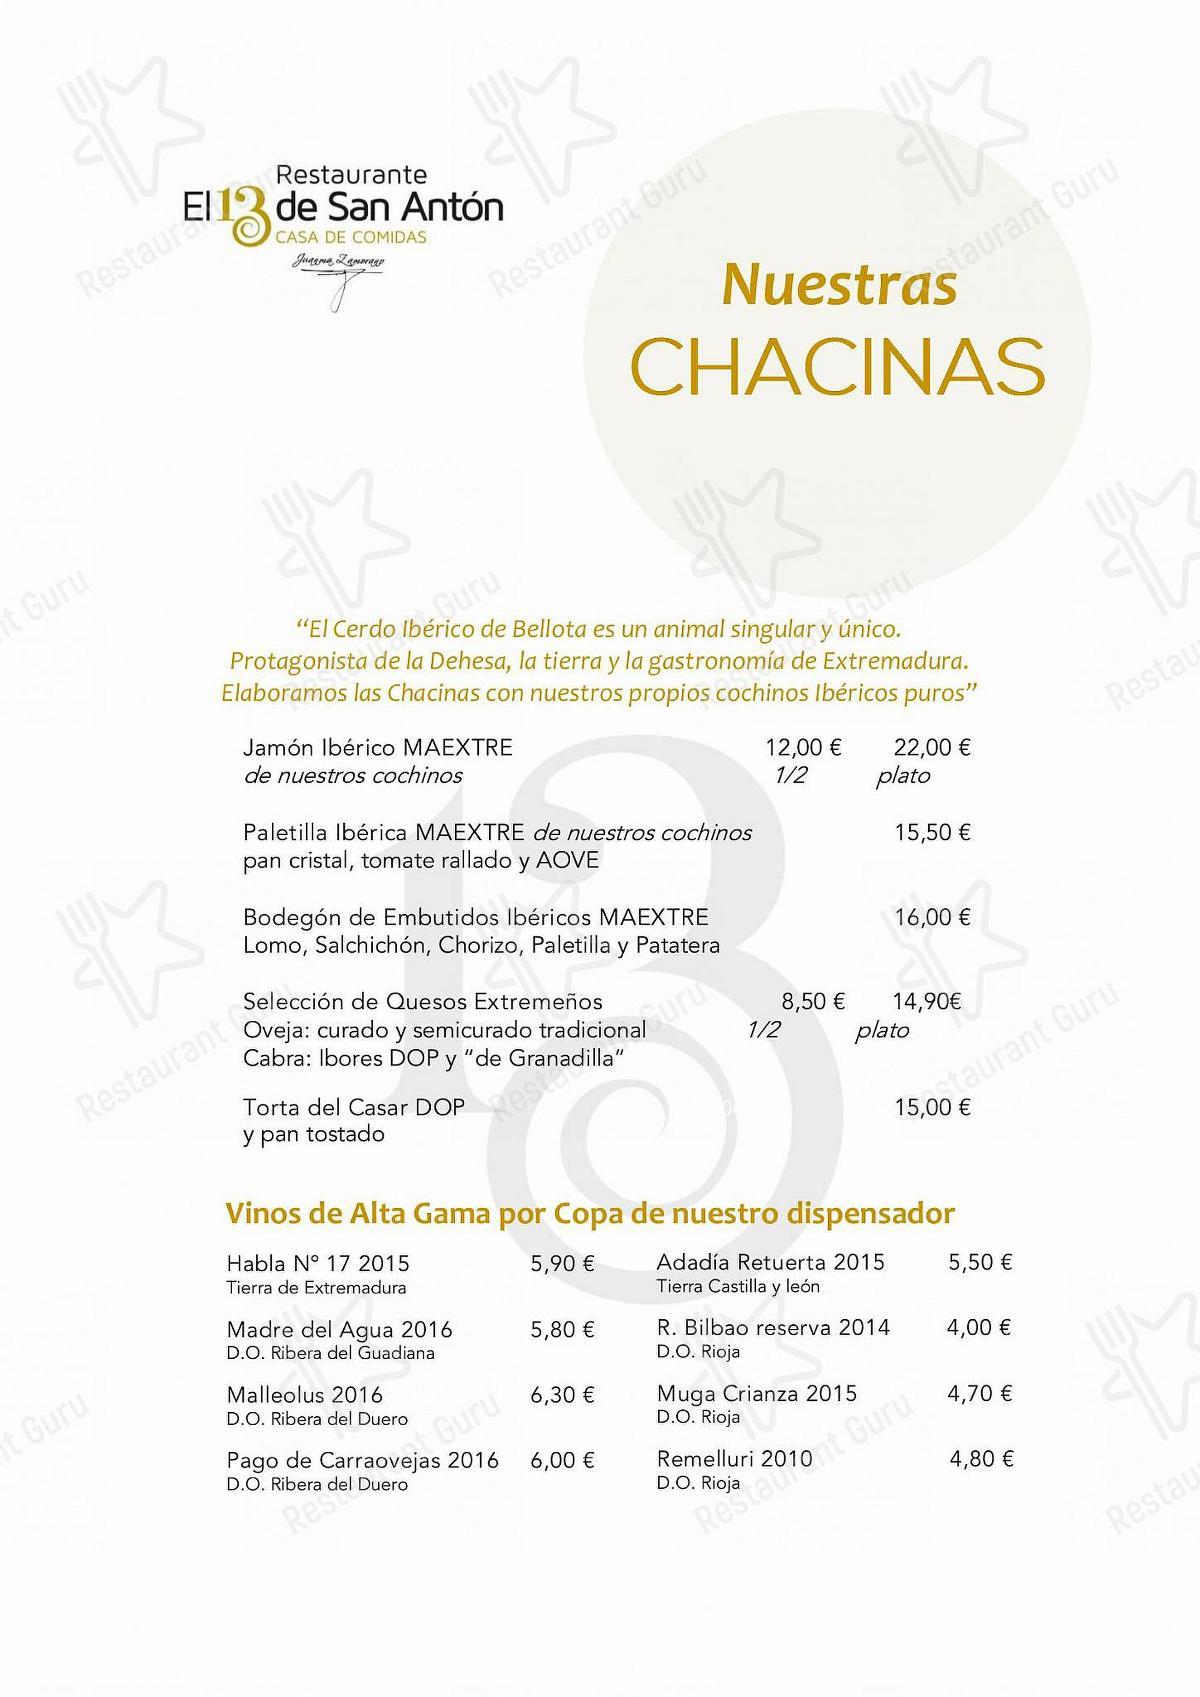 Carta de Restaurante El 13 de San Antón - platos y bebidas